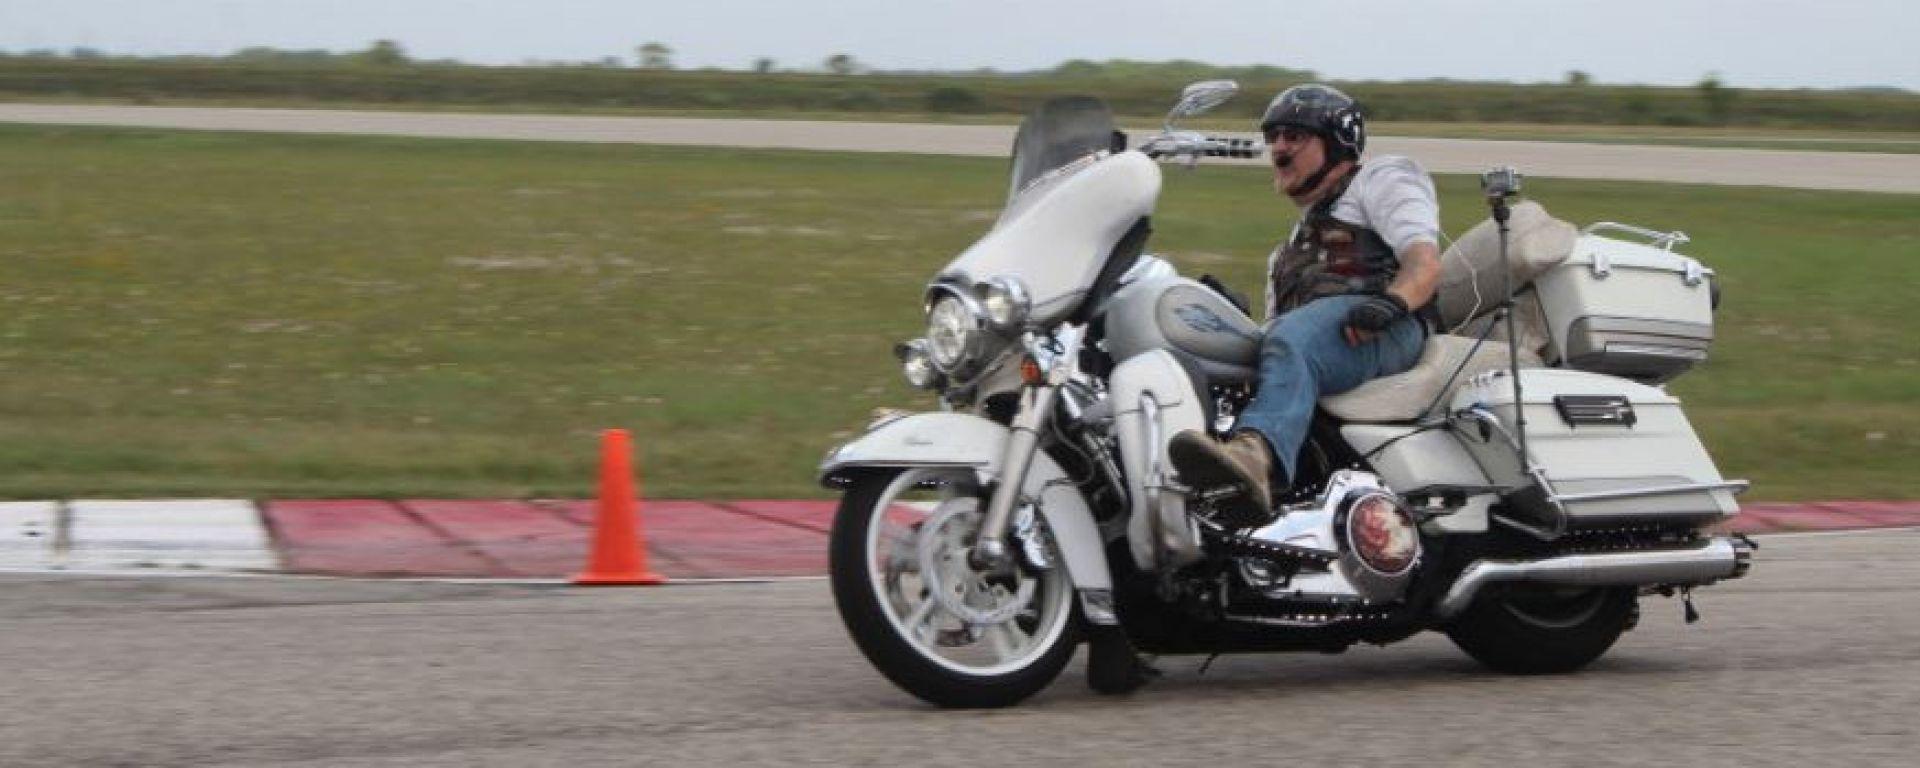 Il record di guida senza mani su una moto è stato fatto negli USA